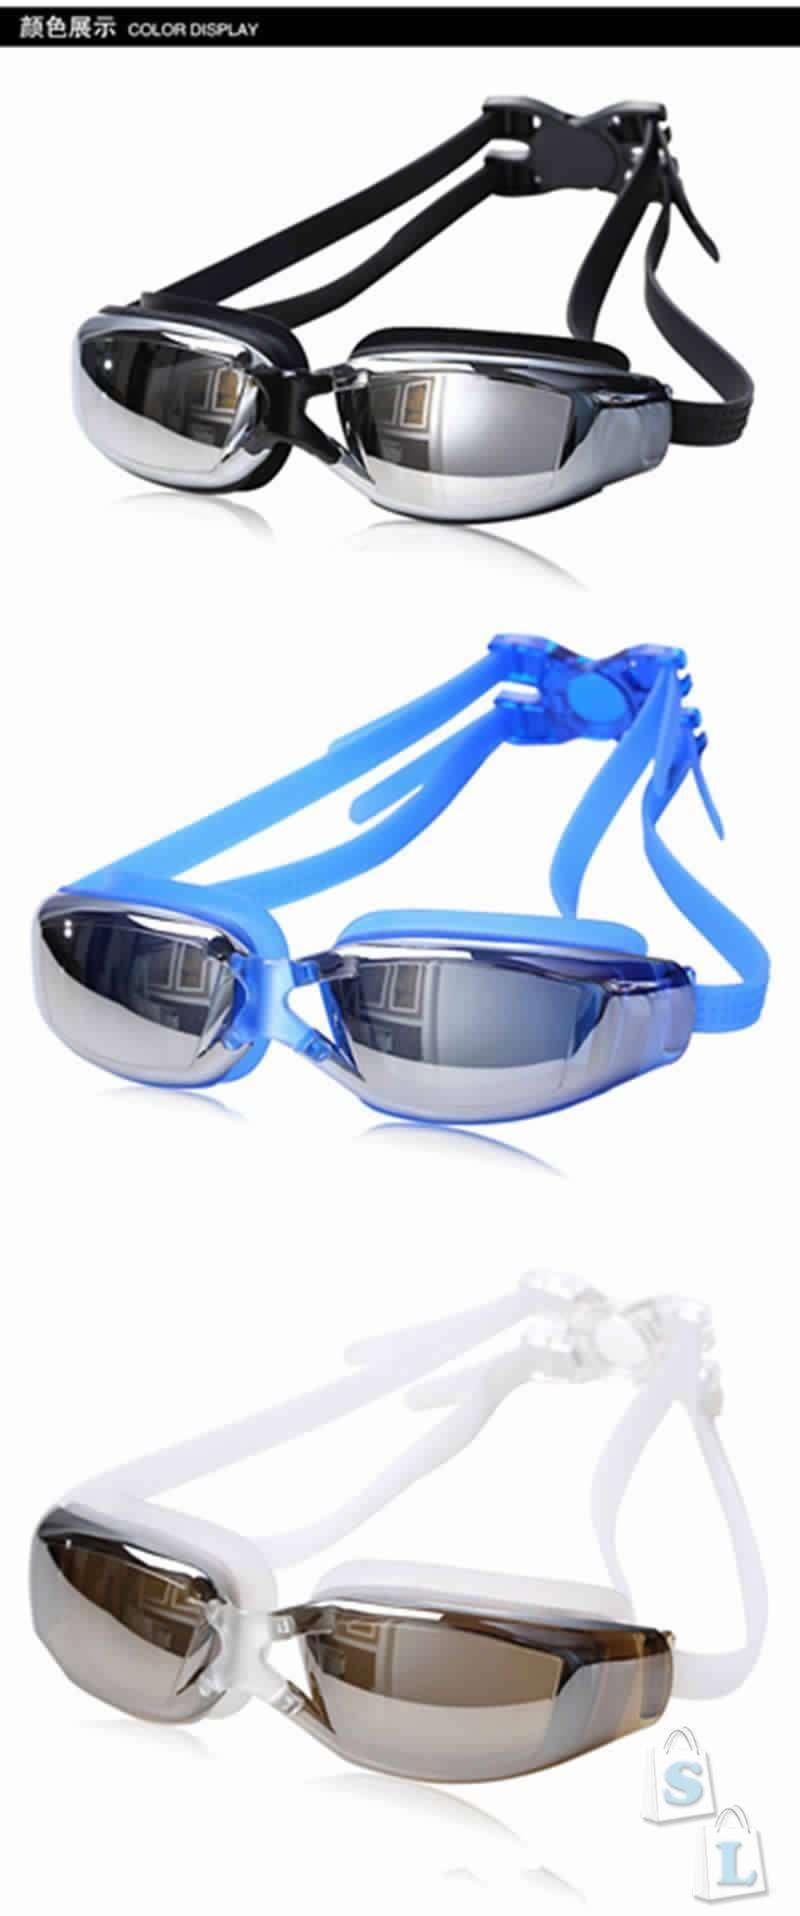 Aliexpress: Неплохие очки для плавания.